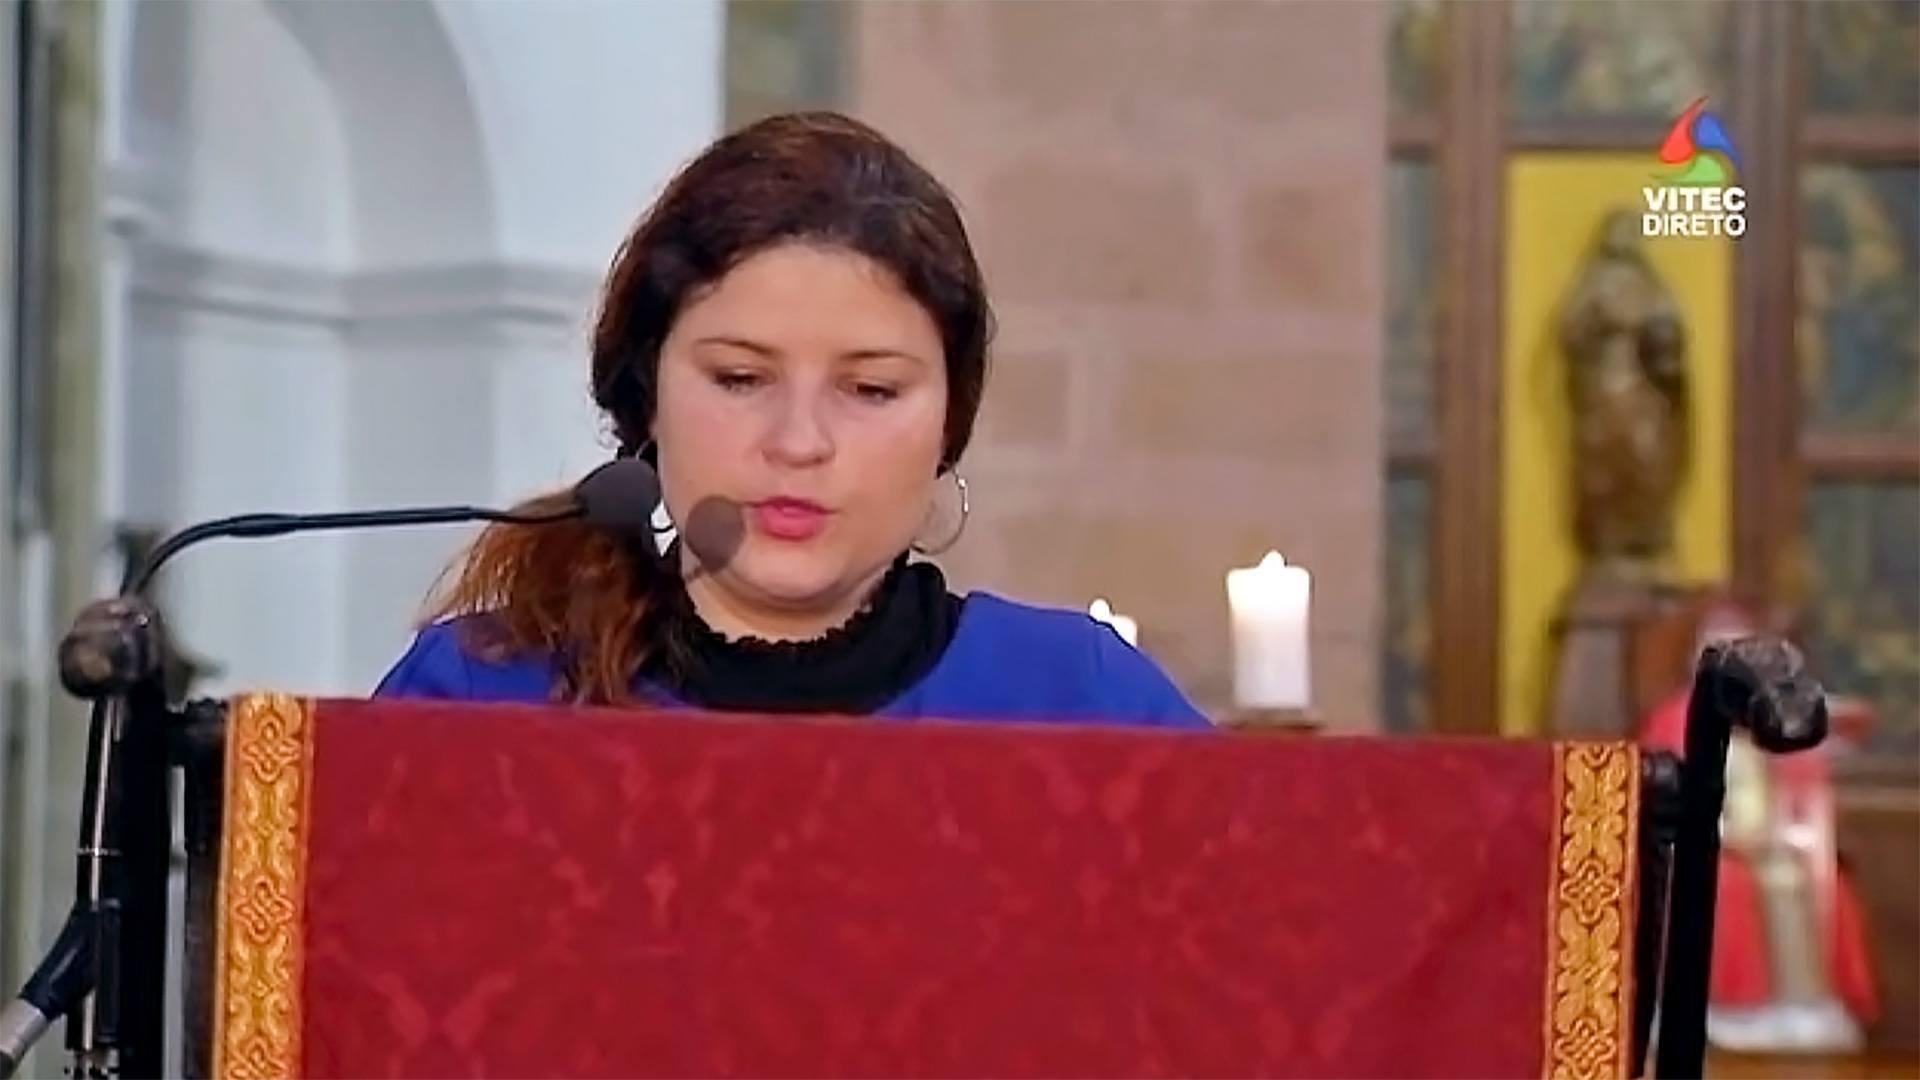 Missa em Direto ao Domingo às 11 horas dos Açores